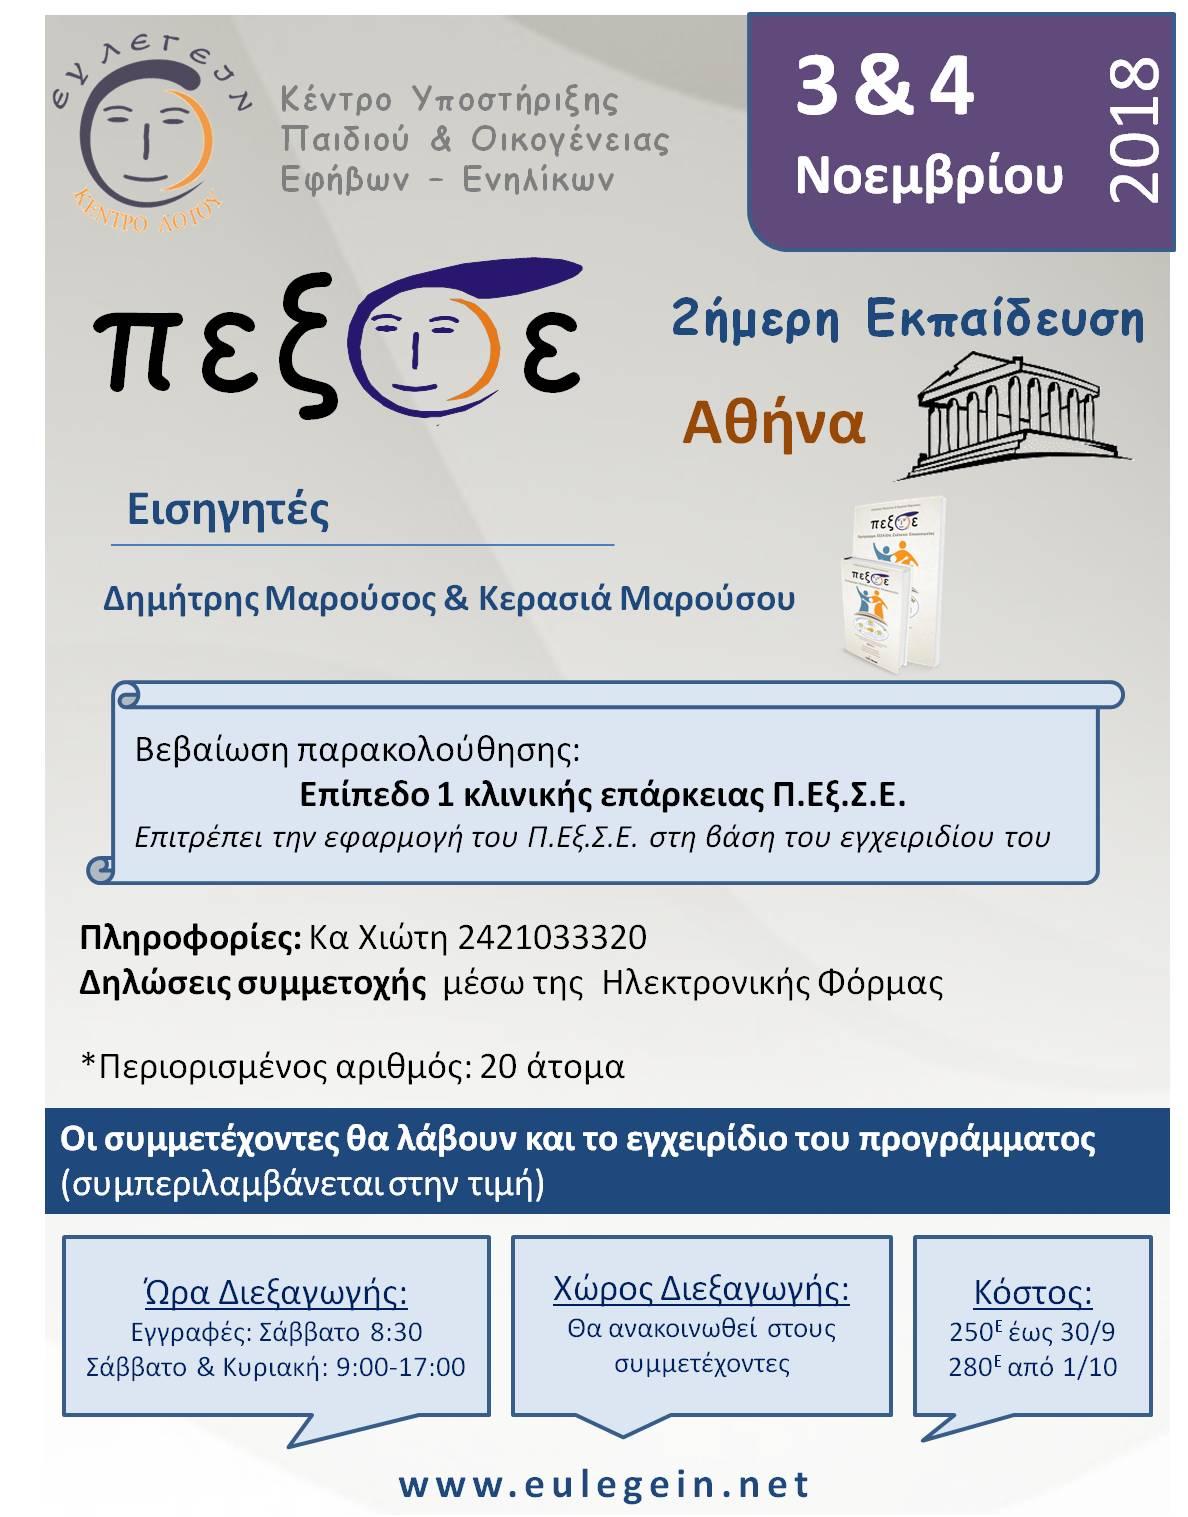 181103 Εκπαίδευση Π.Εξ.Σ.Ε. (Αφίσα)